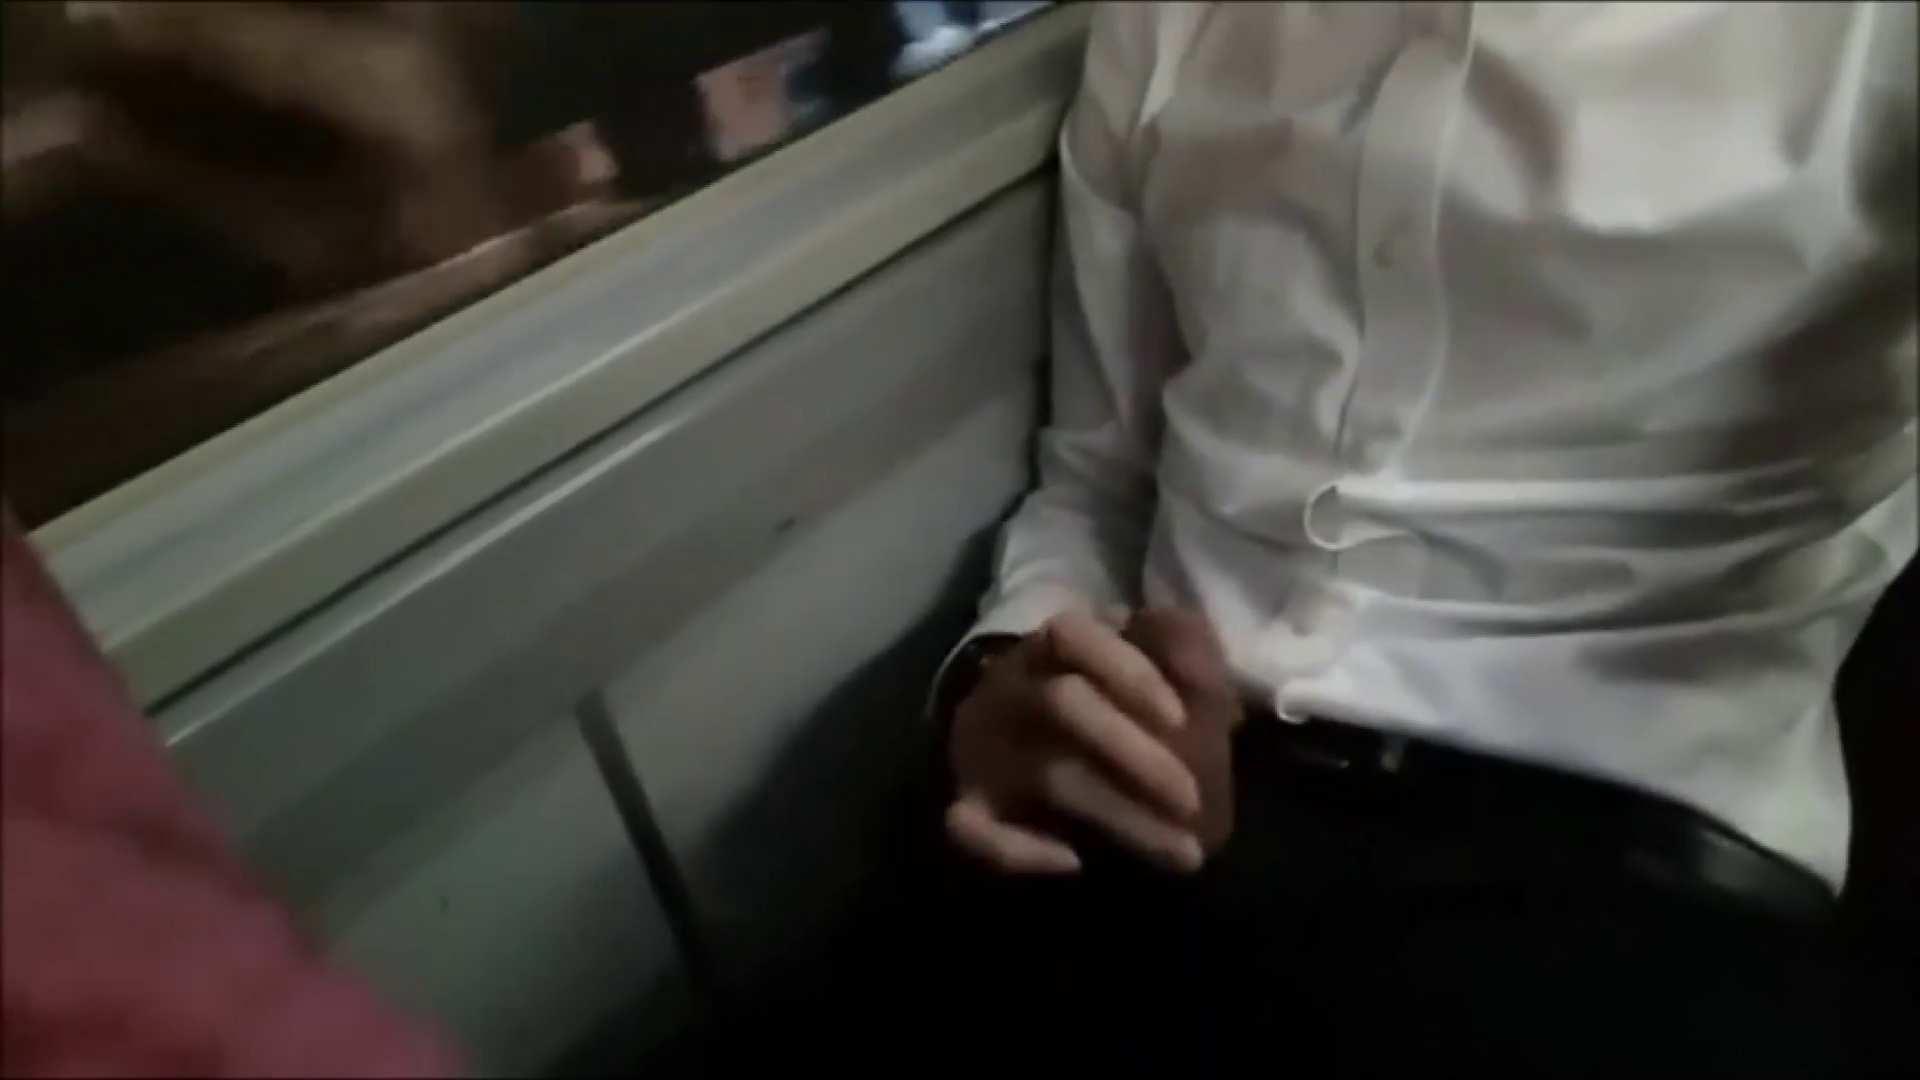 巨根 オナニー塾Vol.13 野外露出 ゲイ素人エロ画像 102枚 37